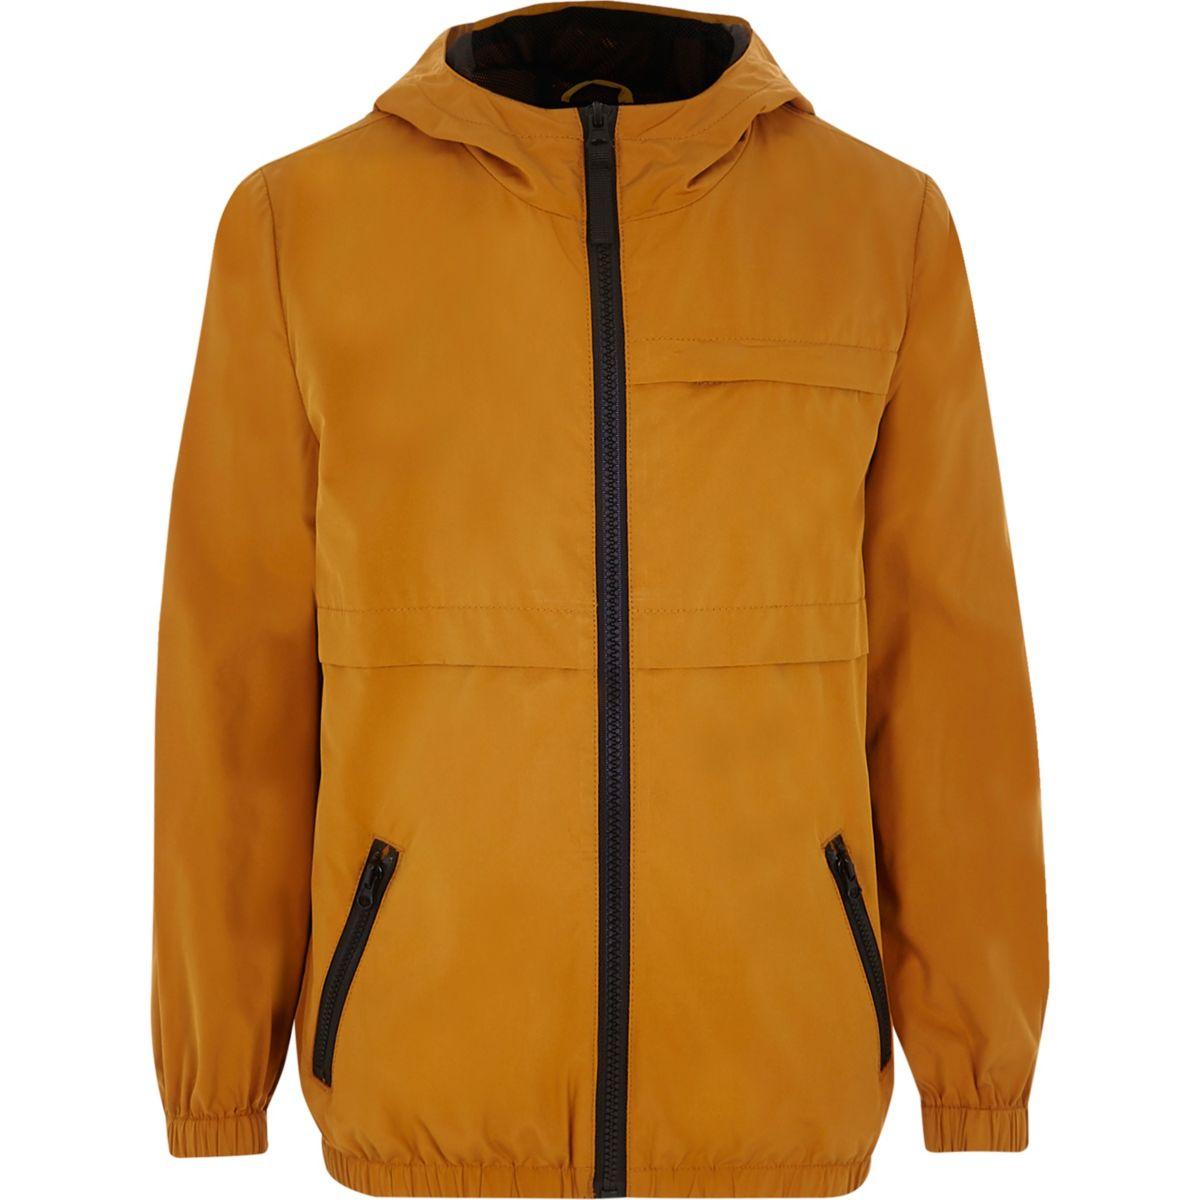 Boys mustard lightweight hooded jacket